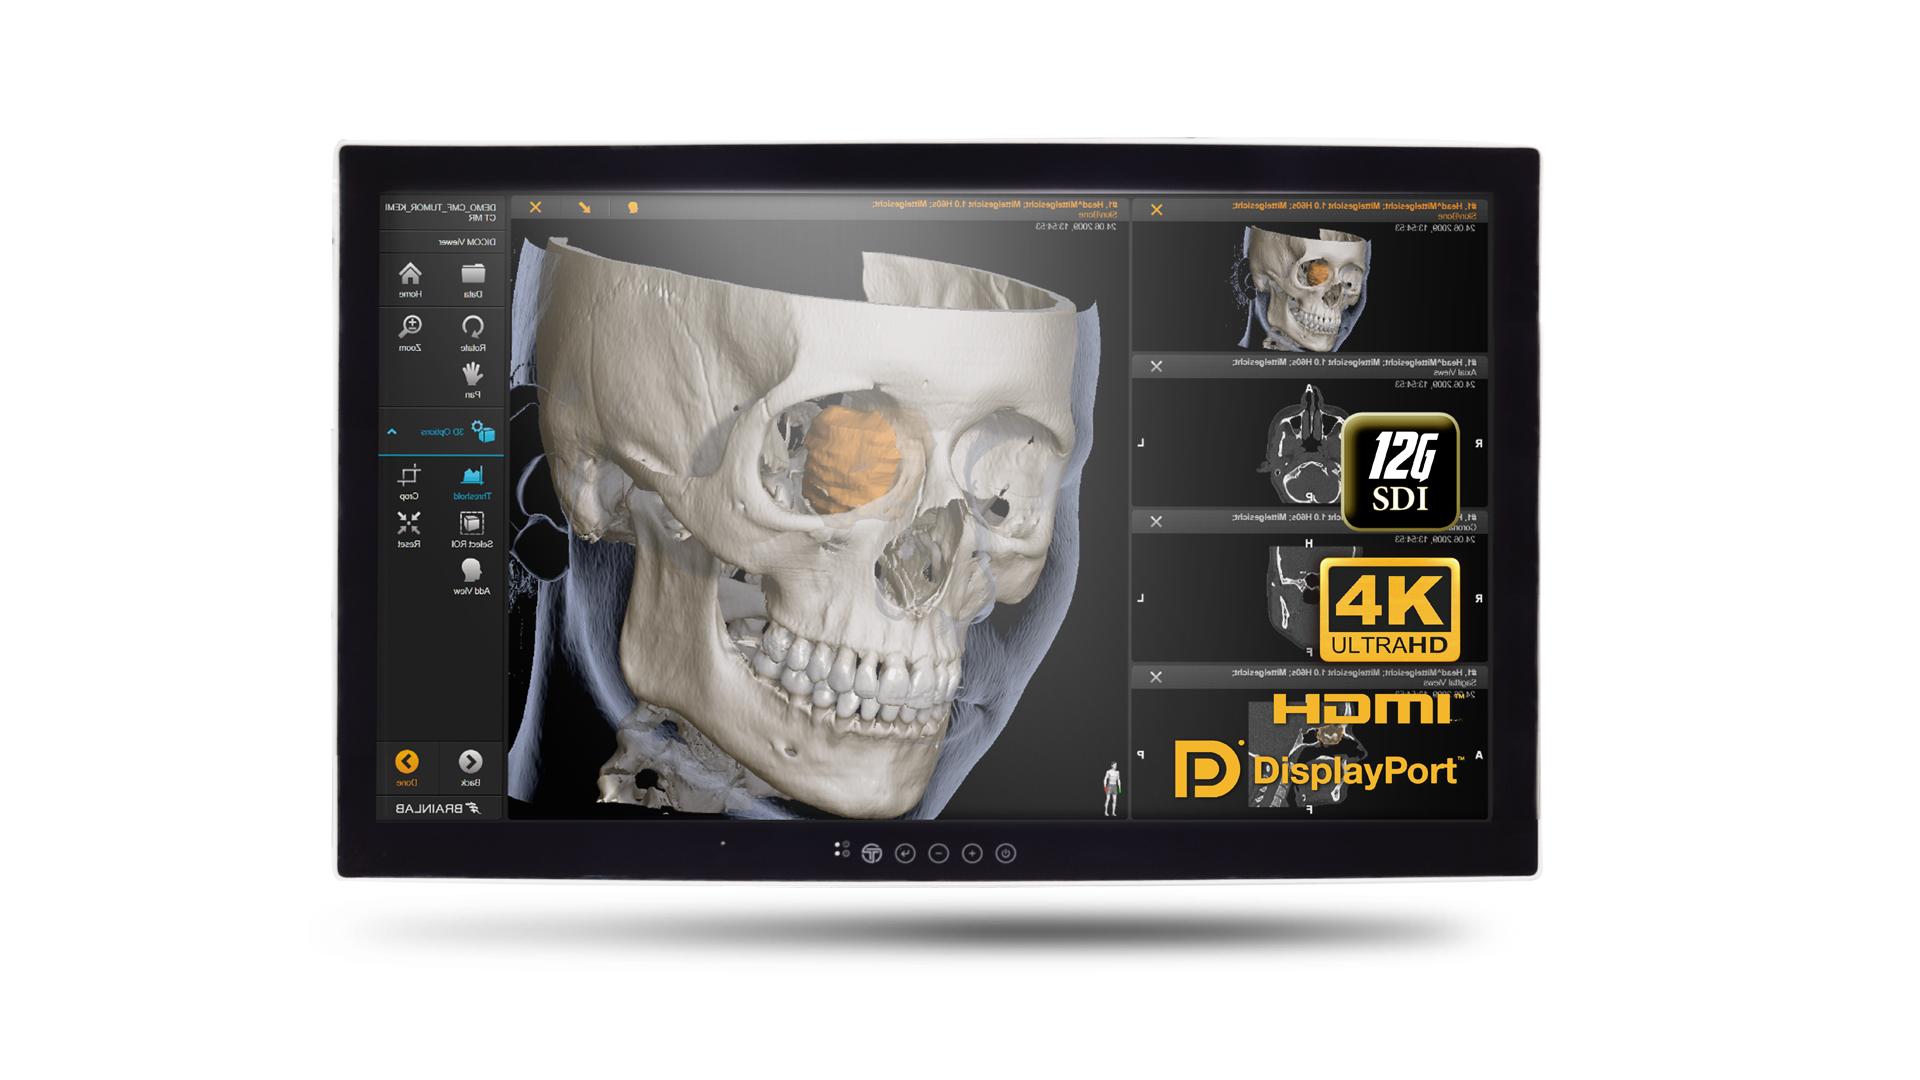 32吋高解析度手術影像處理系統